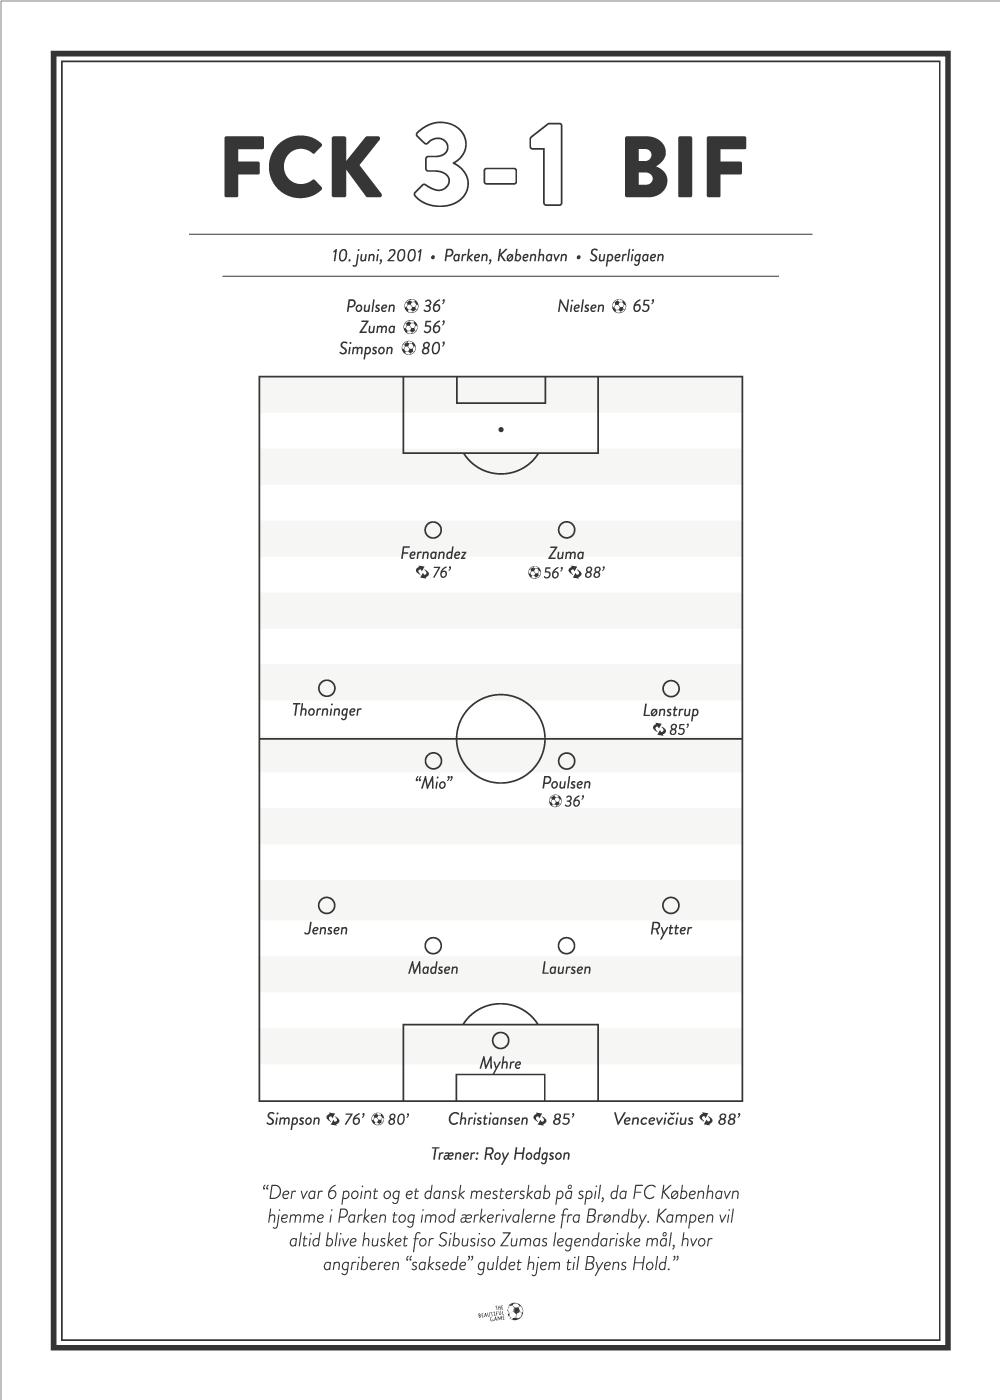 Billede af FCK - BIF 3-1 Superliga 2001 plakat